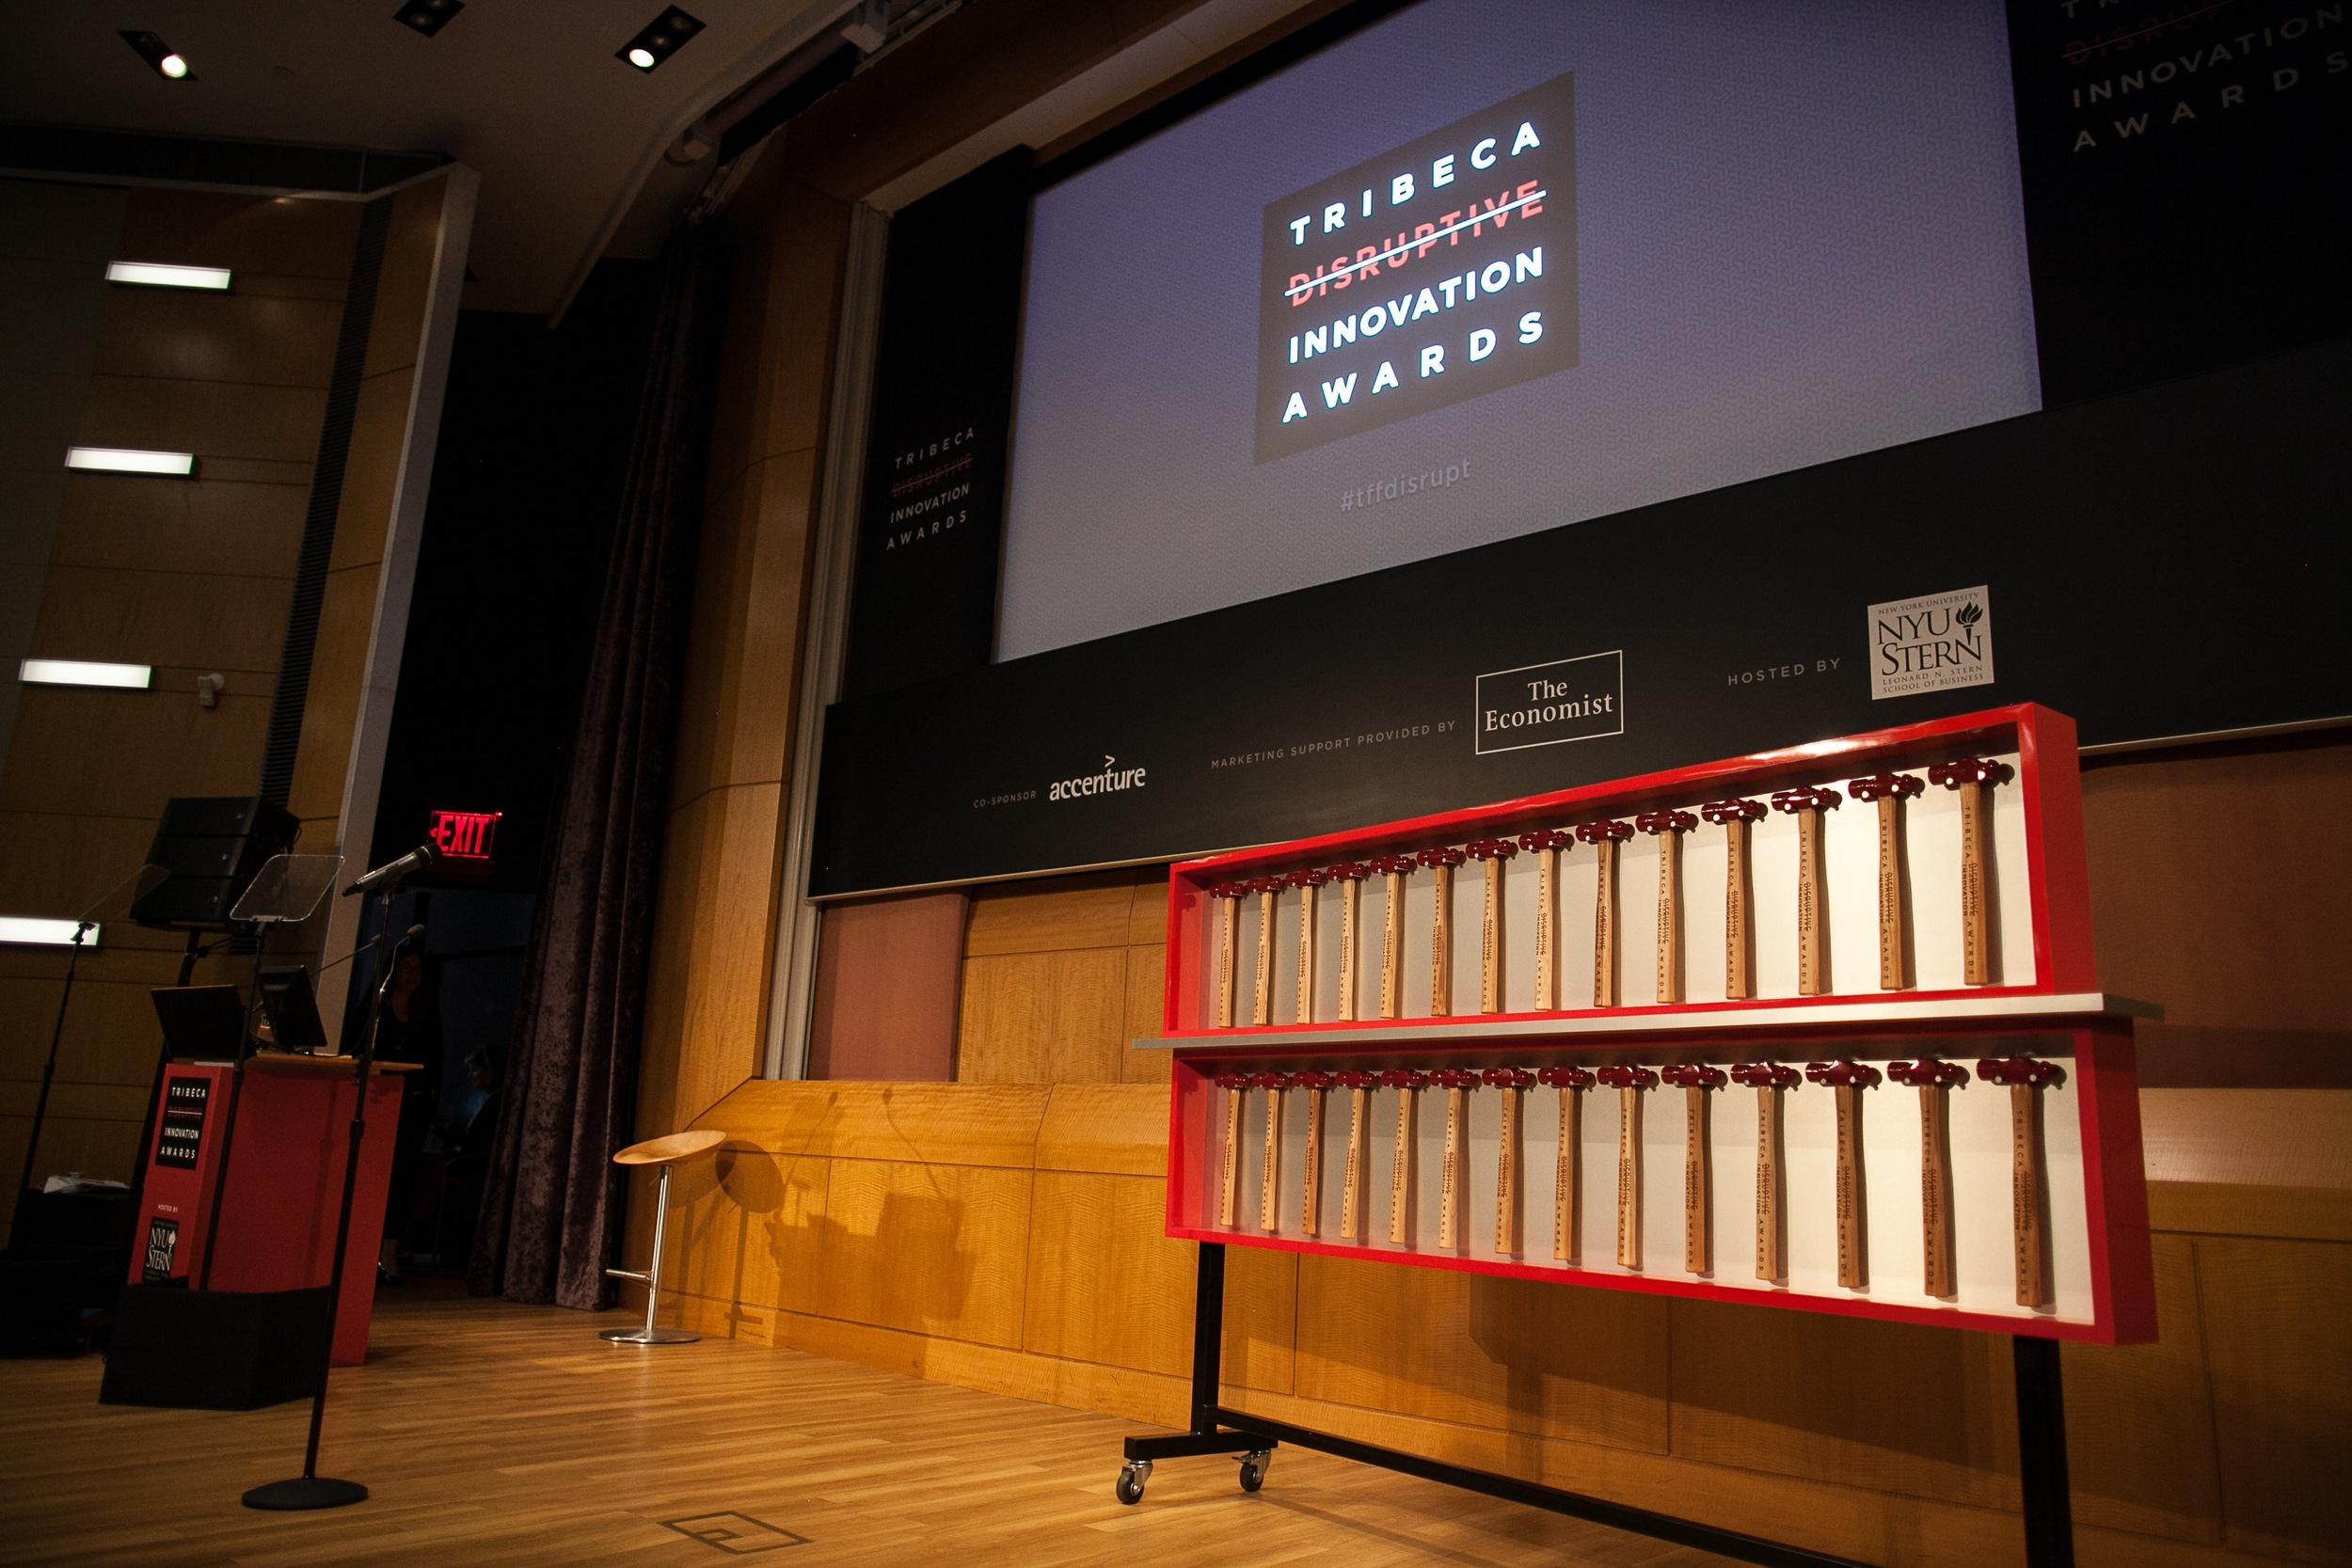 Tribeca Disruptive Innovation Awards 2013 - 029.jpg